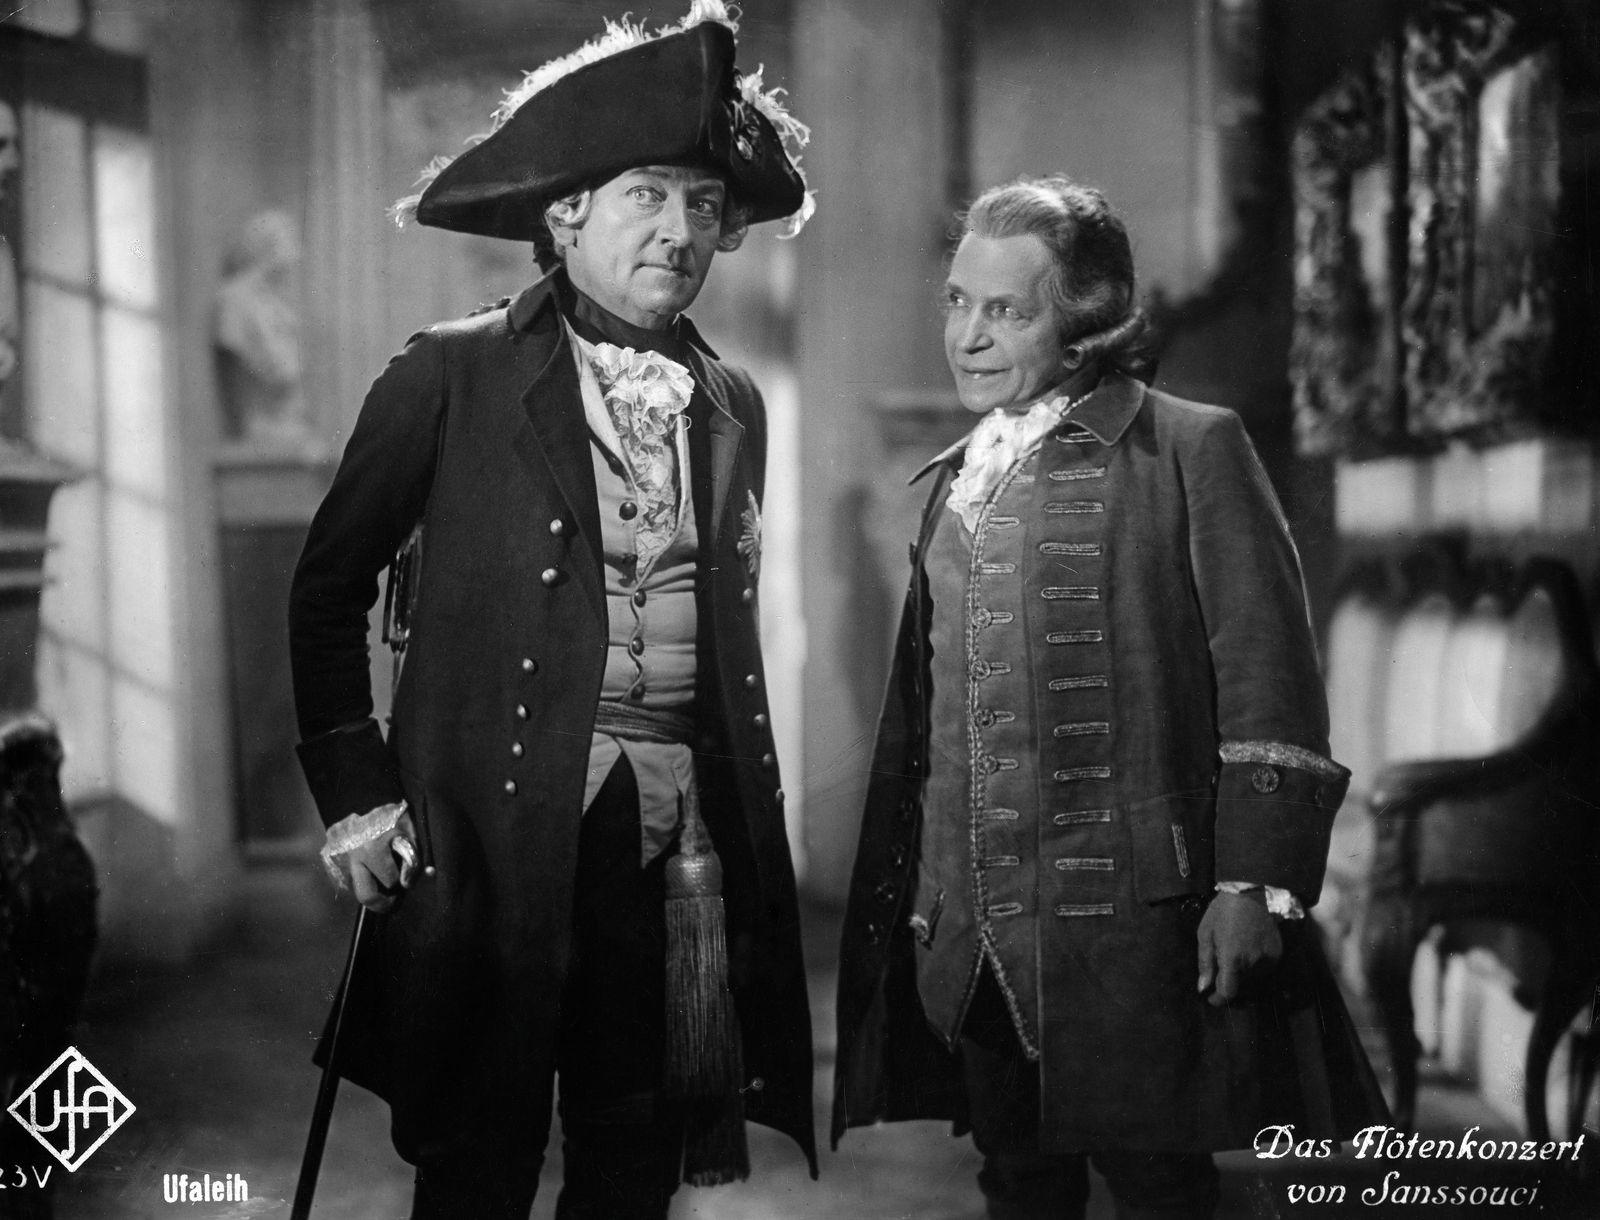 Otto Gebuehr, Schauspieler D - als Friedrich der Grosse in dem Film 'Das Floetenkonzert von Sanssouci'